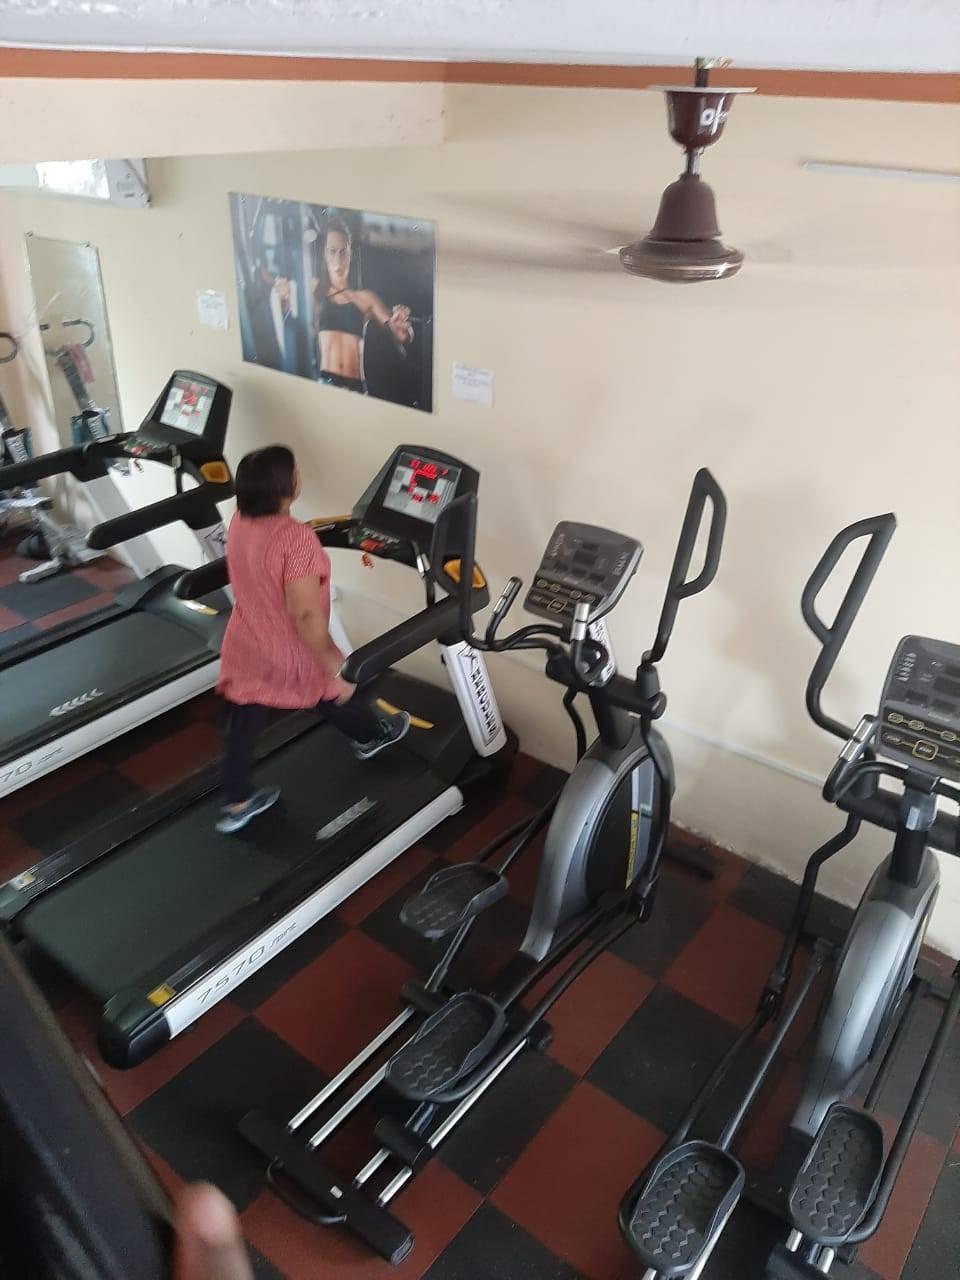 Valsad-Garib-Nawaz-Society-DFC-Decent-Fitness-Centre_384_Mzg0_MTIwOQ